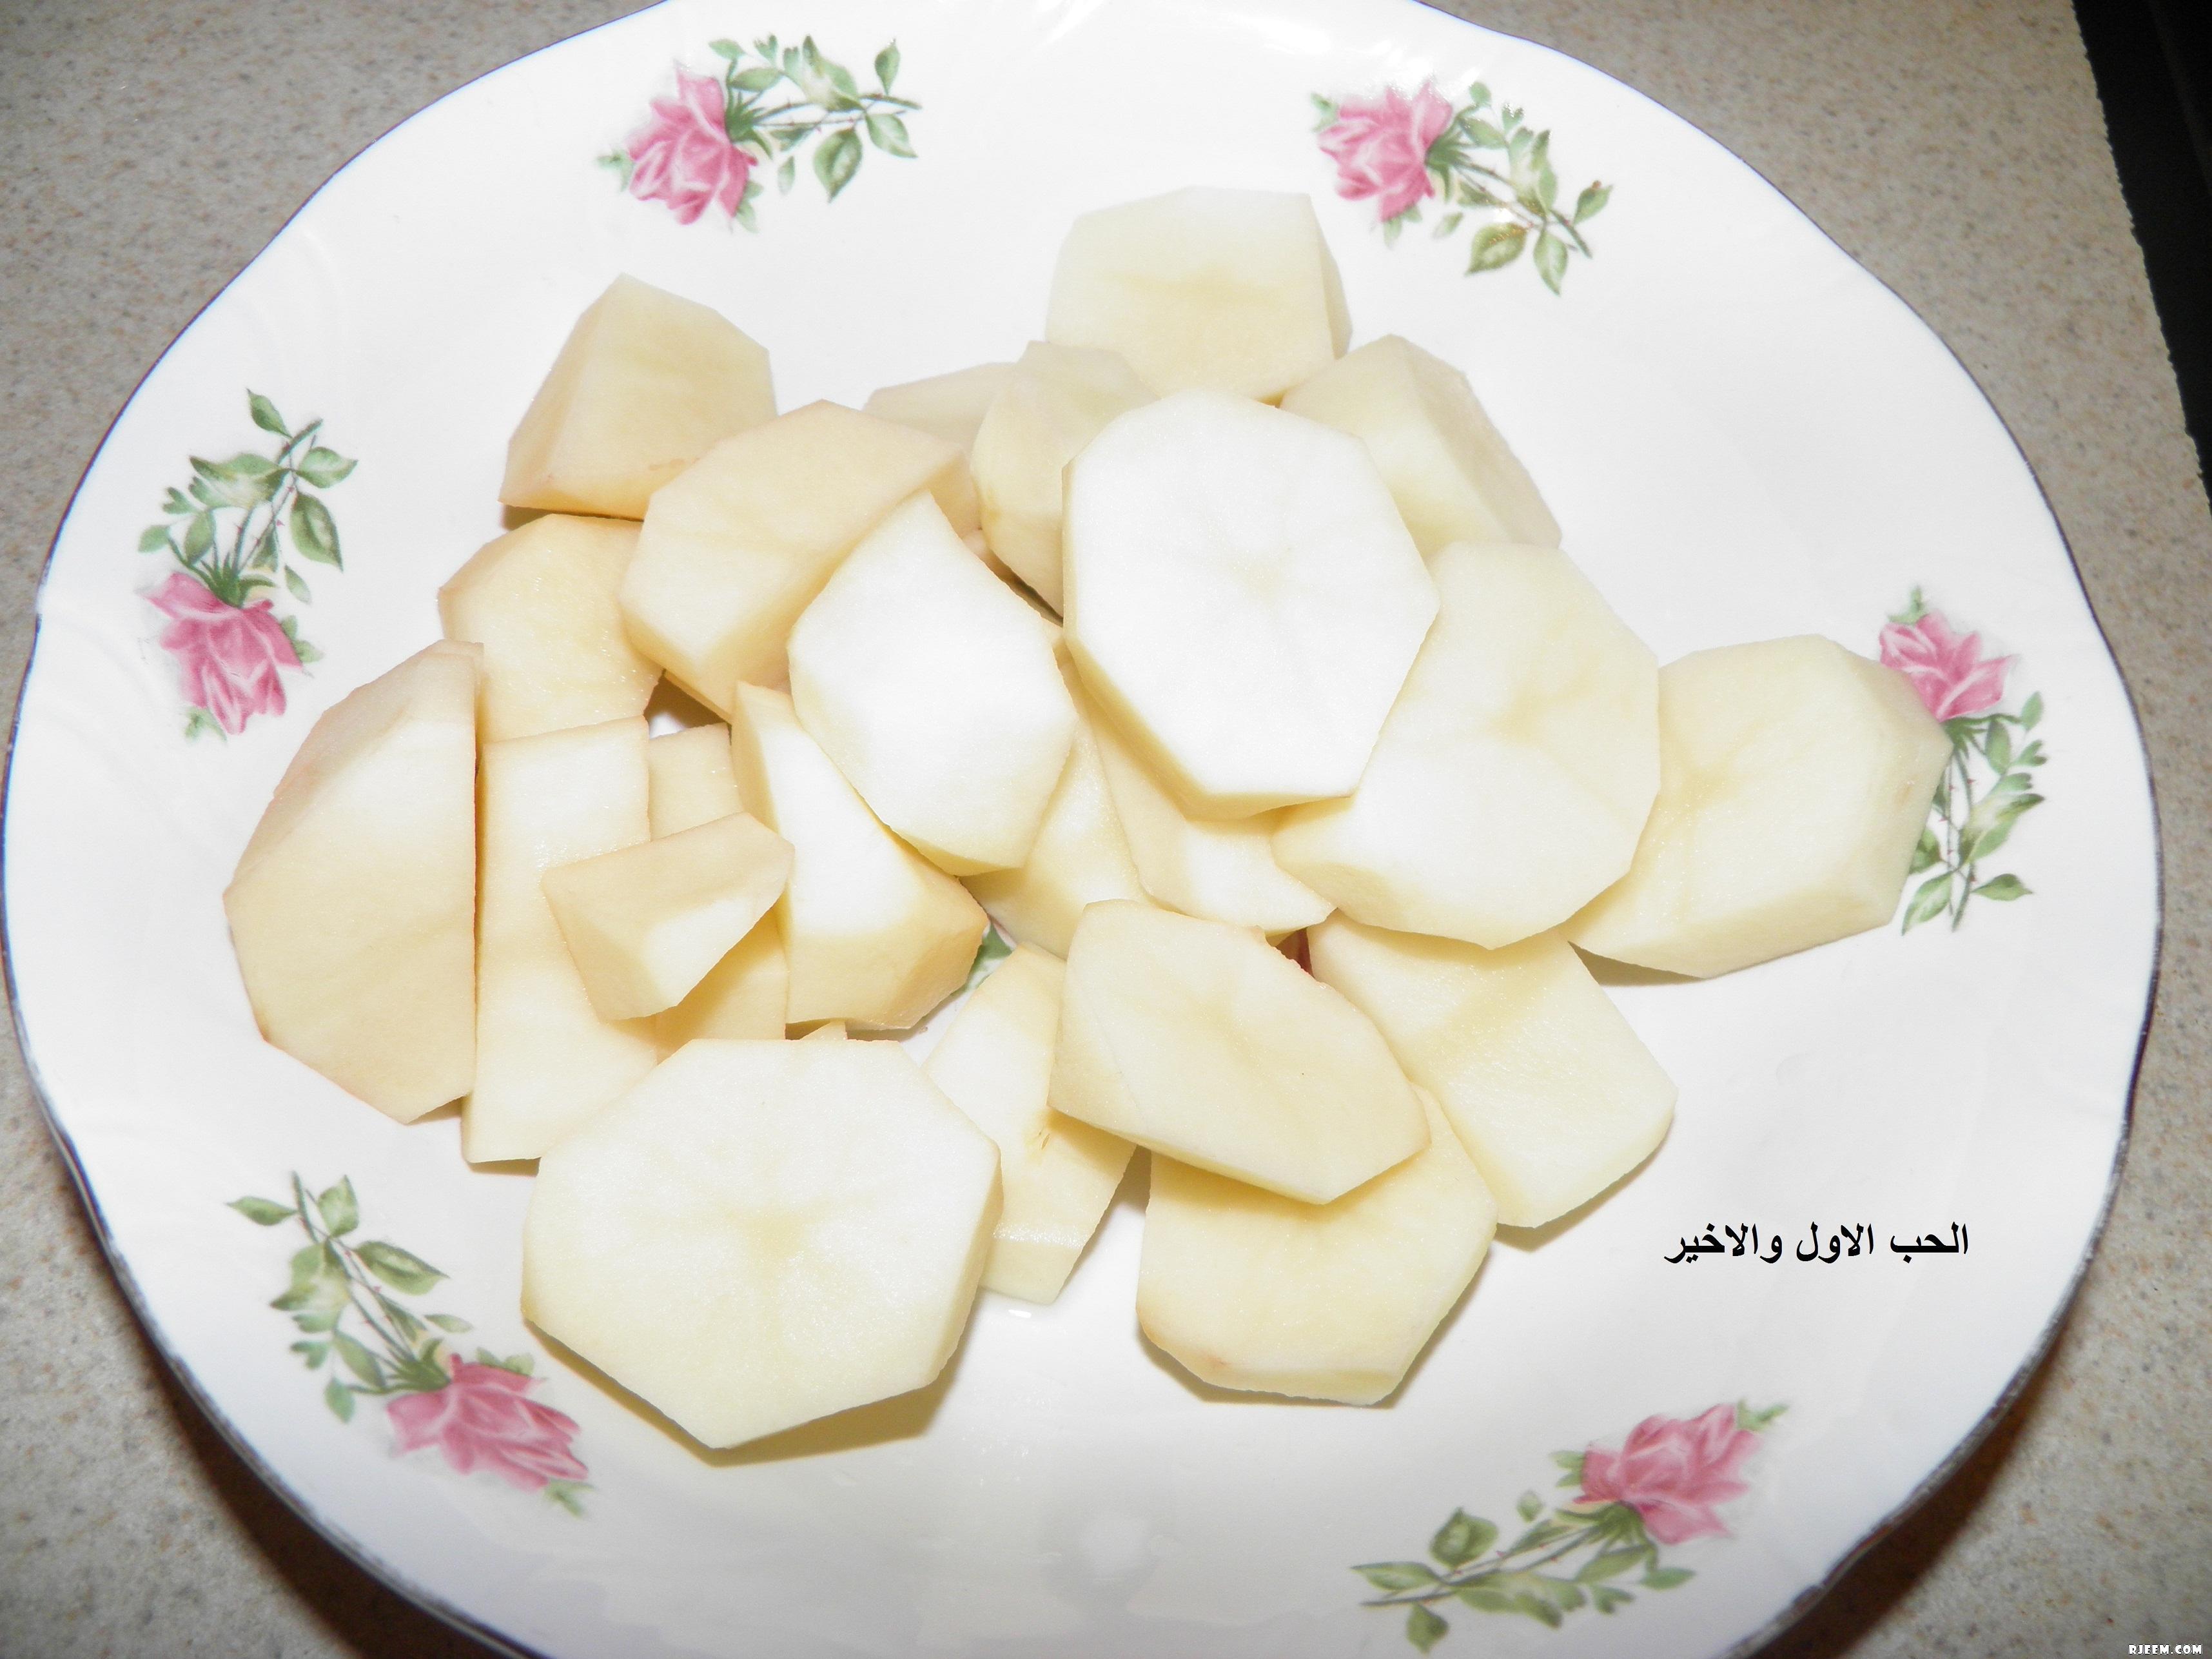 صينية الدجاج بالخضروات من مطبخي 13373241591.jpg